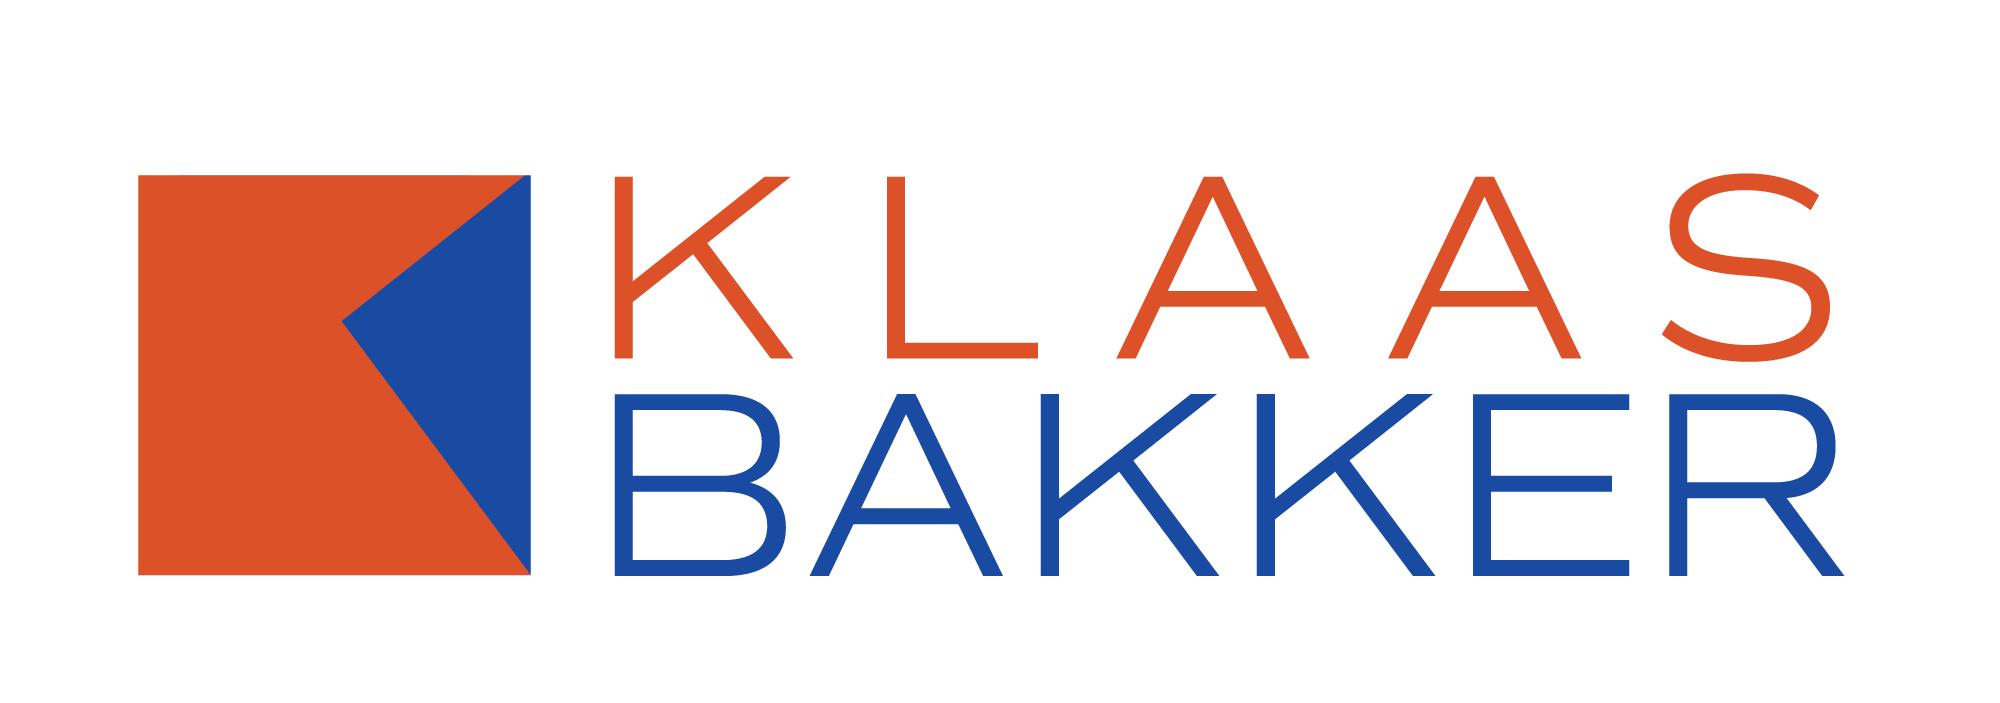 Klaas Bakker